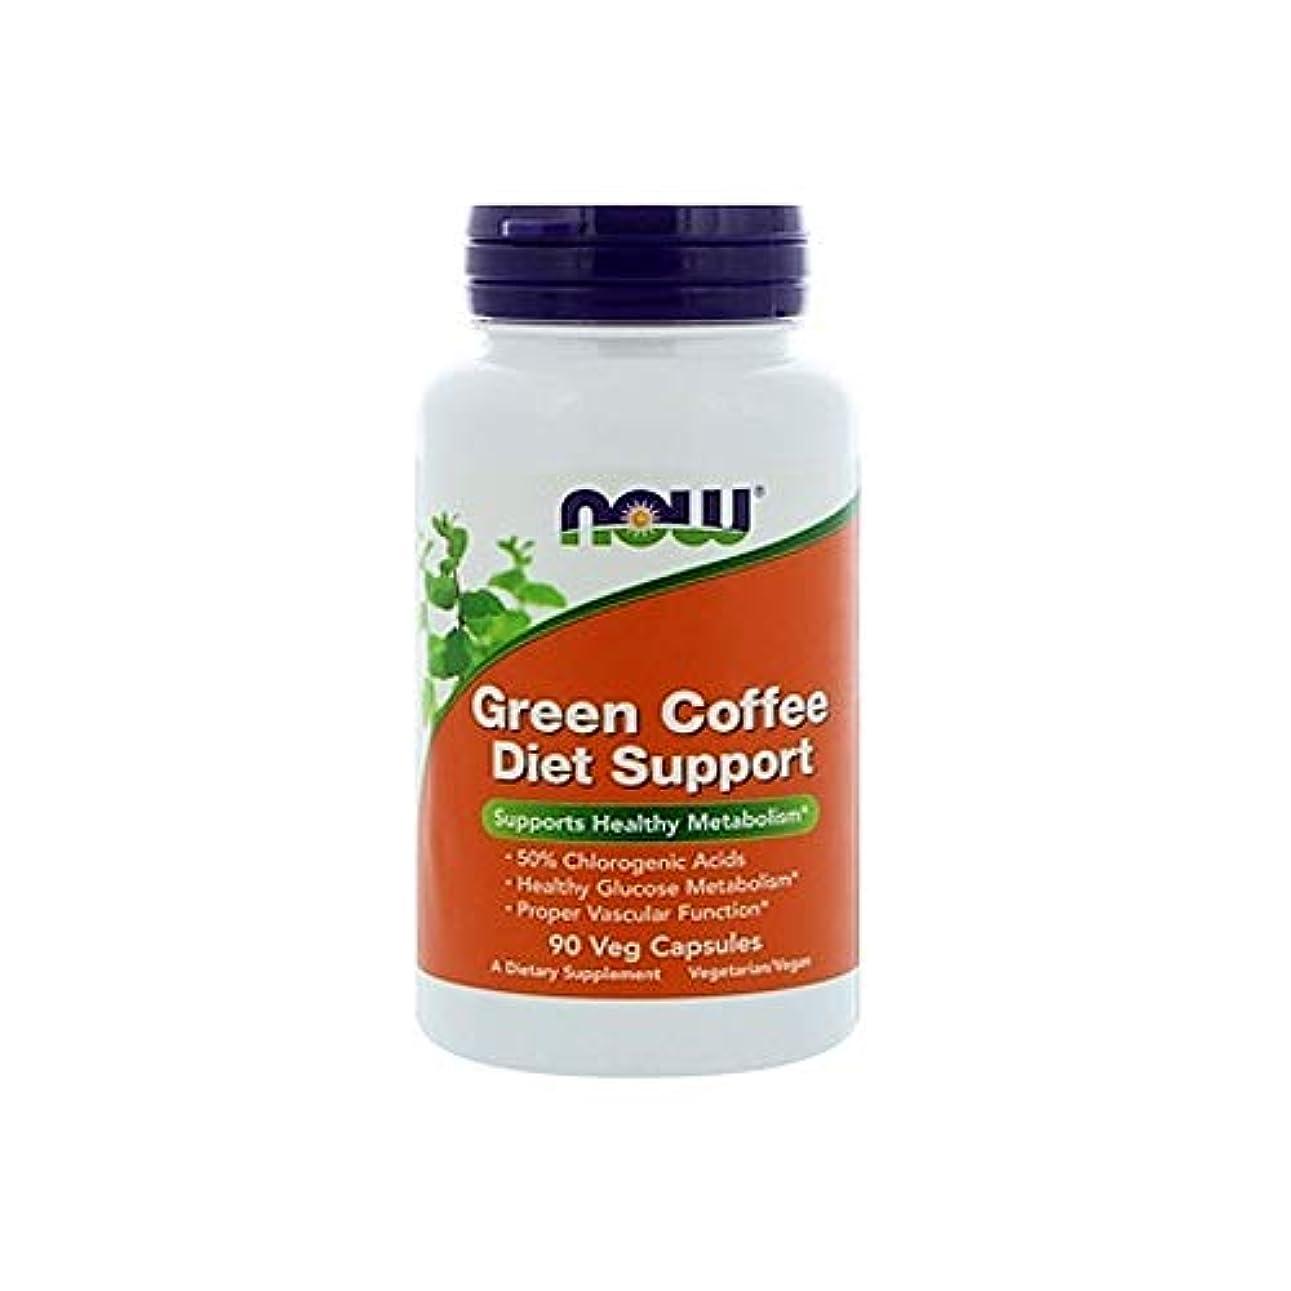 フェッチパウダー運動[海外直送品] ナウフーズ グリーンコーヒー ダイエットサポート(クロロゲン酸含有) 90粒